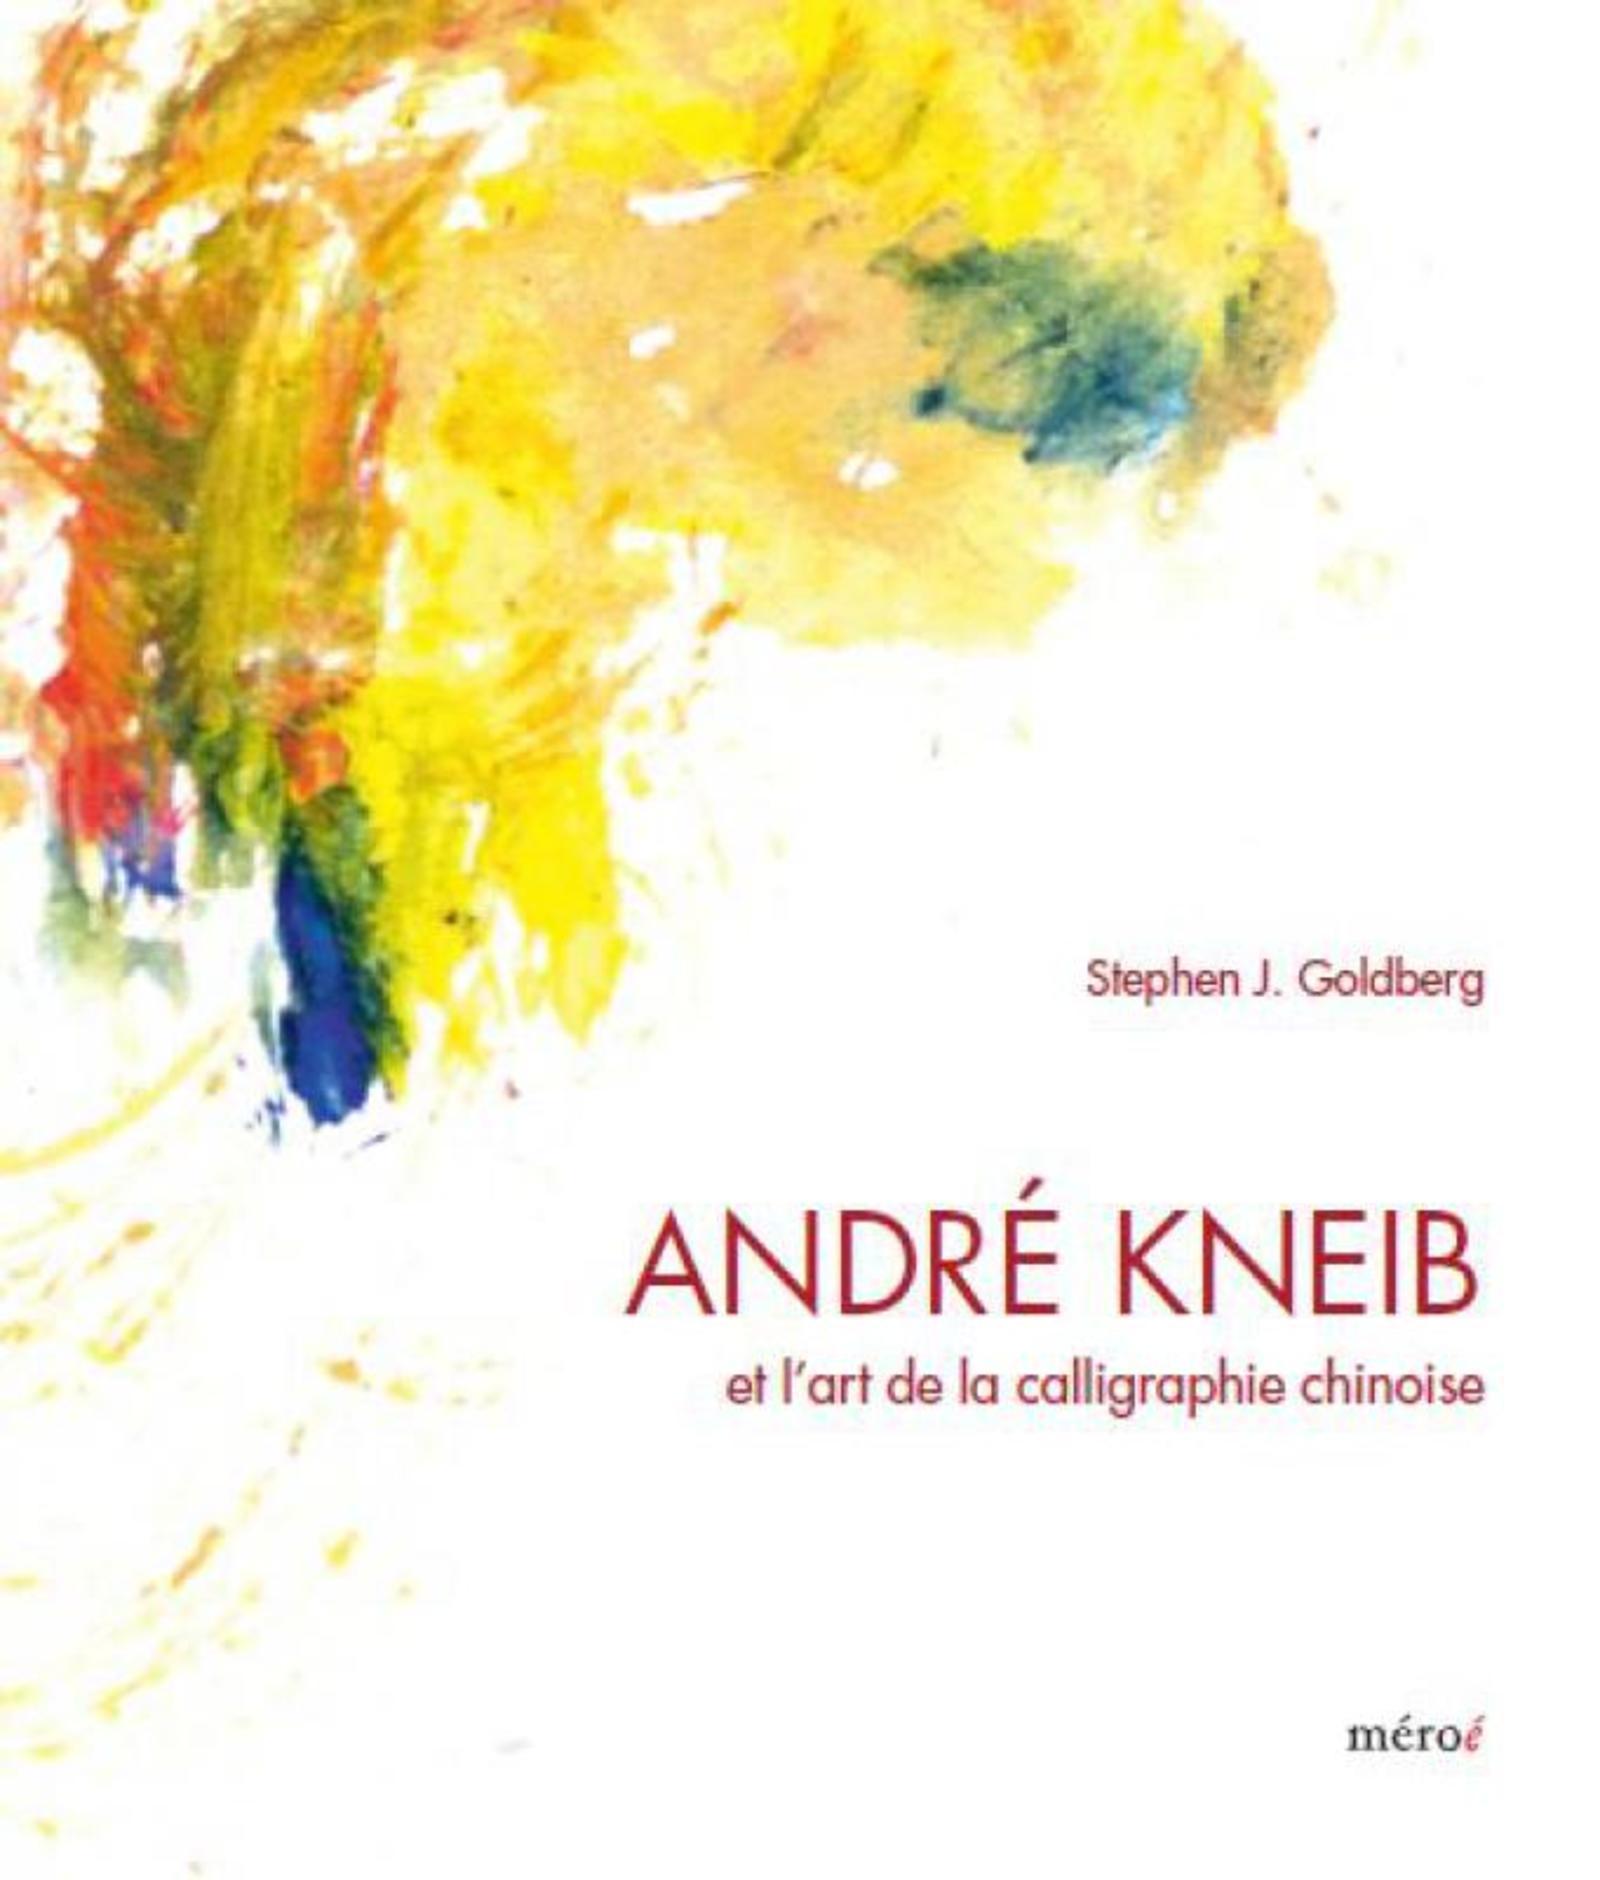 ANDRE KNEIB ET L'ART DE LA CALLIGRAPHIE CHINOISE